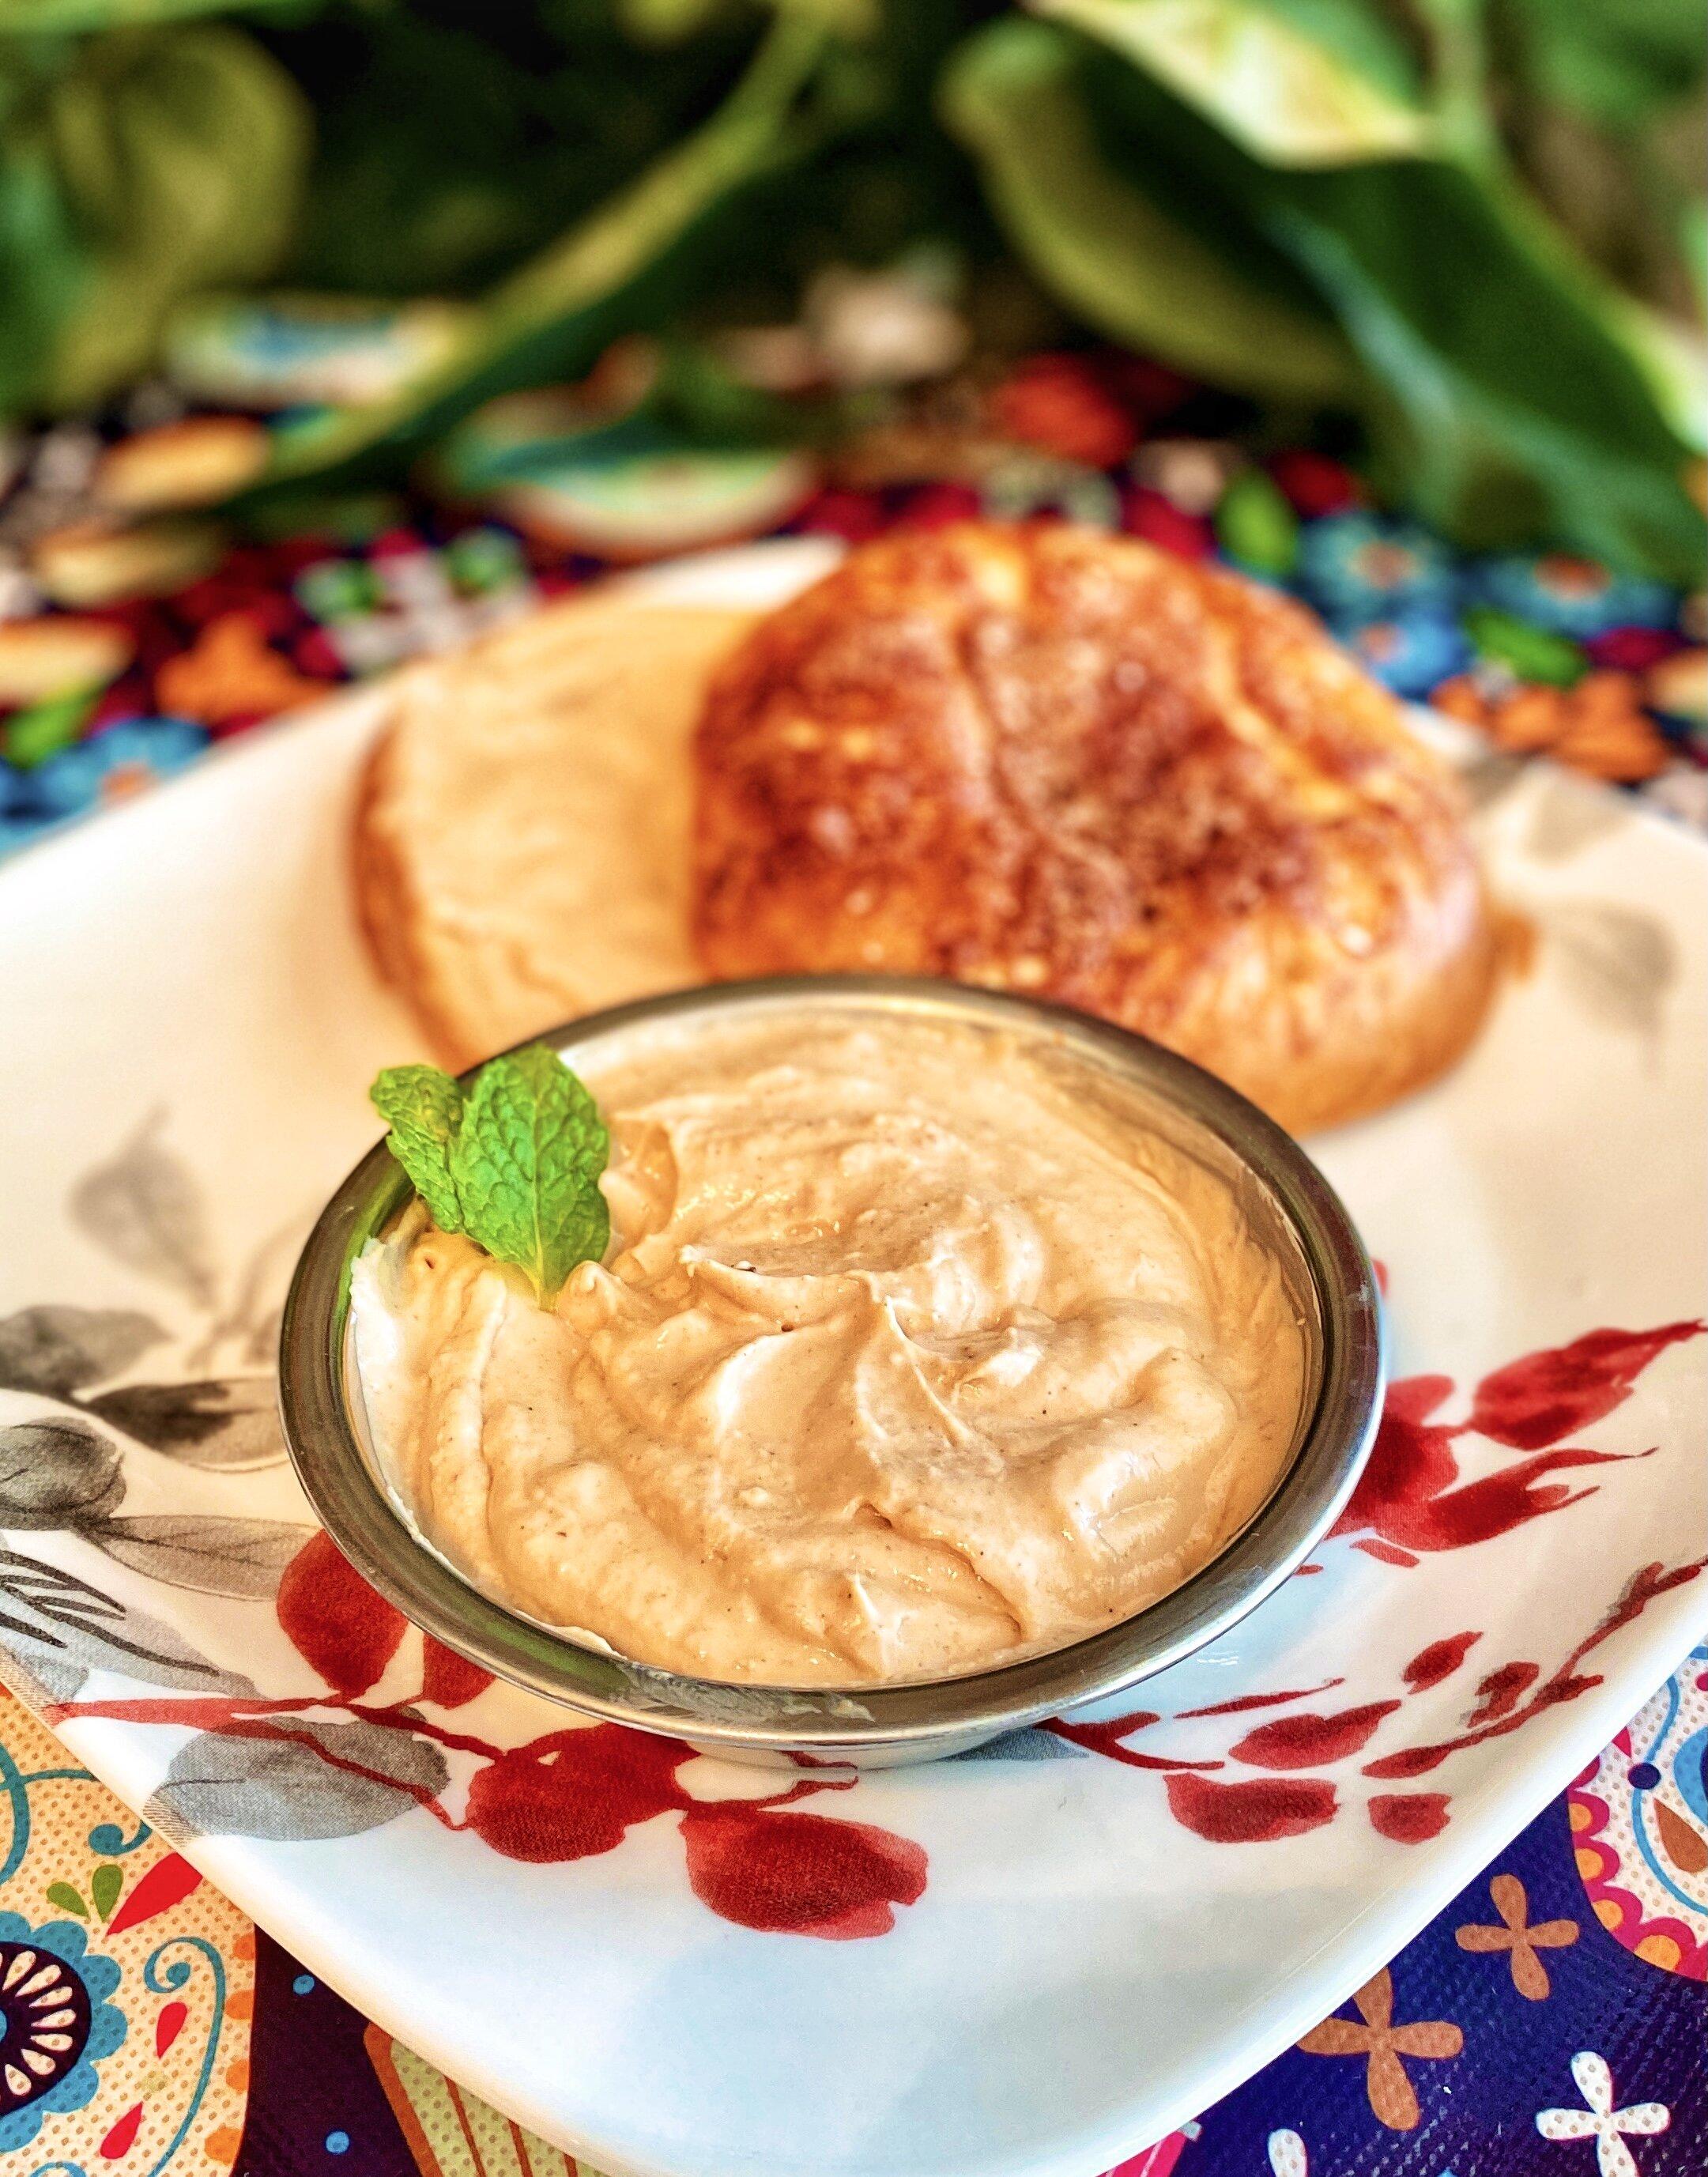 apple butter cream cheese spread recipe